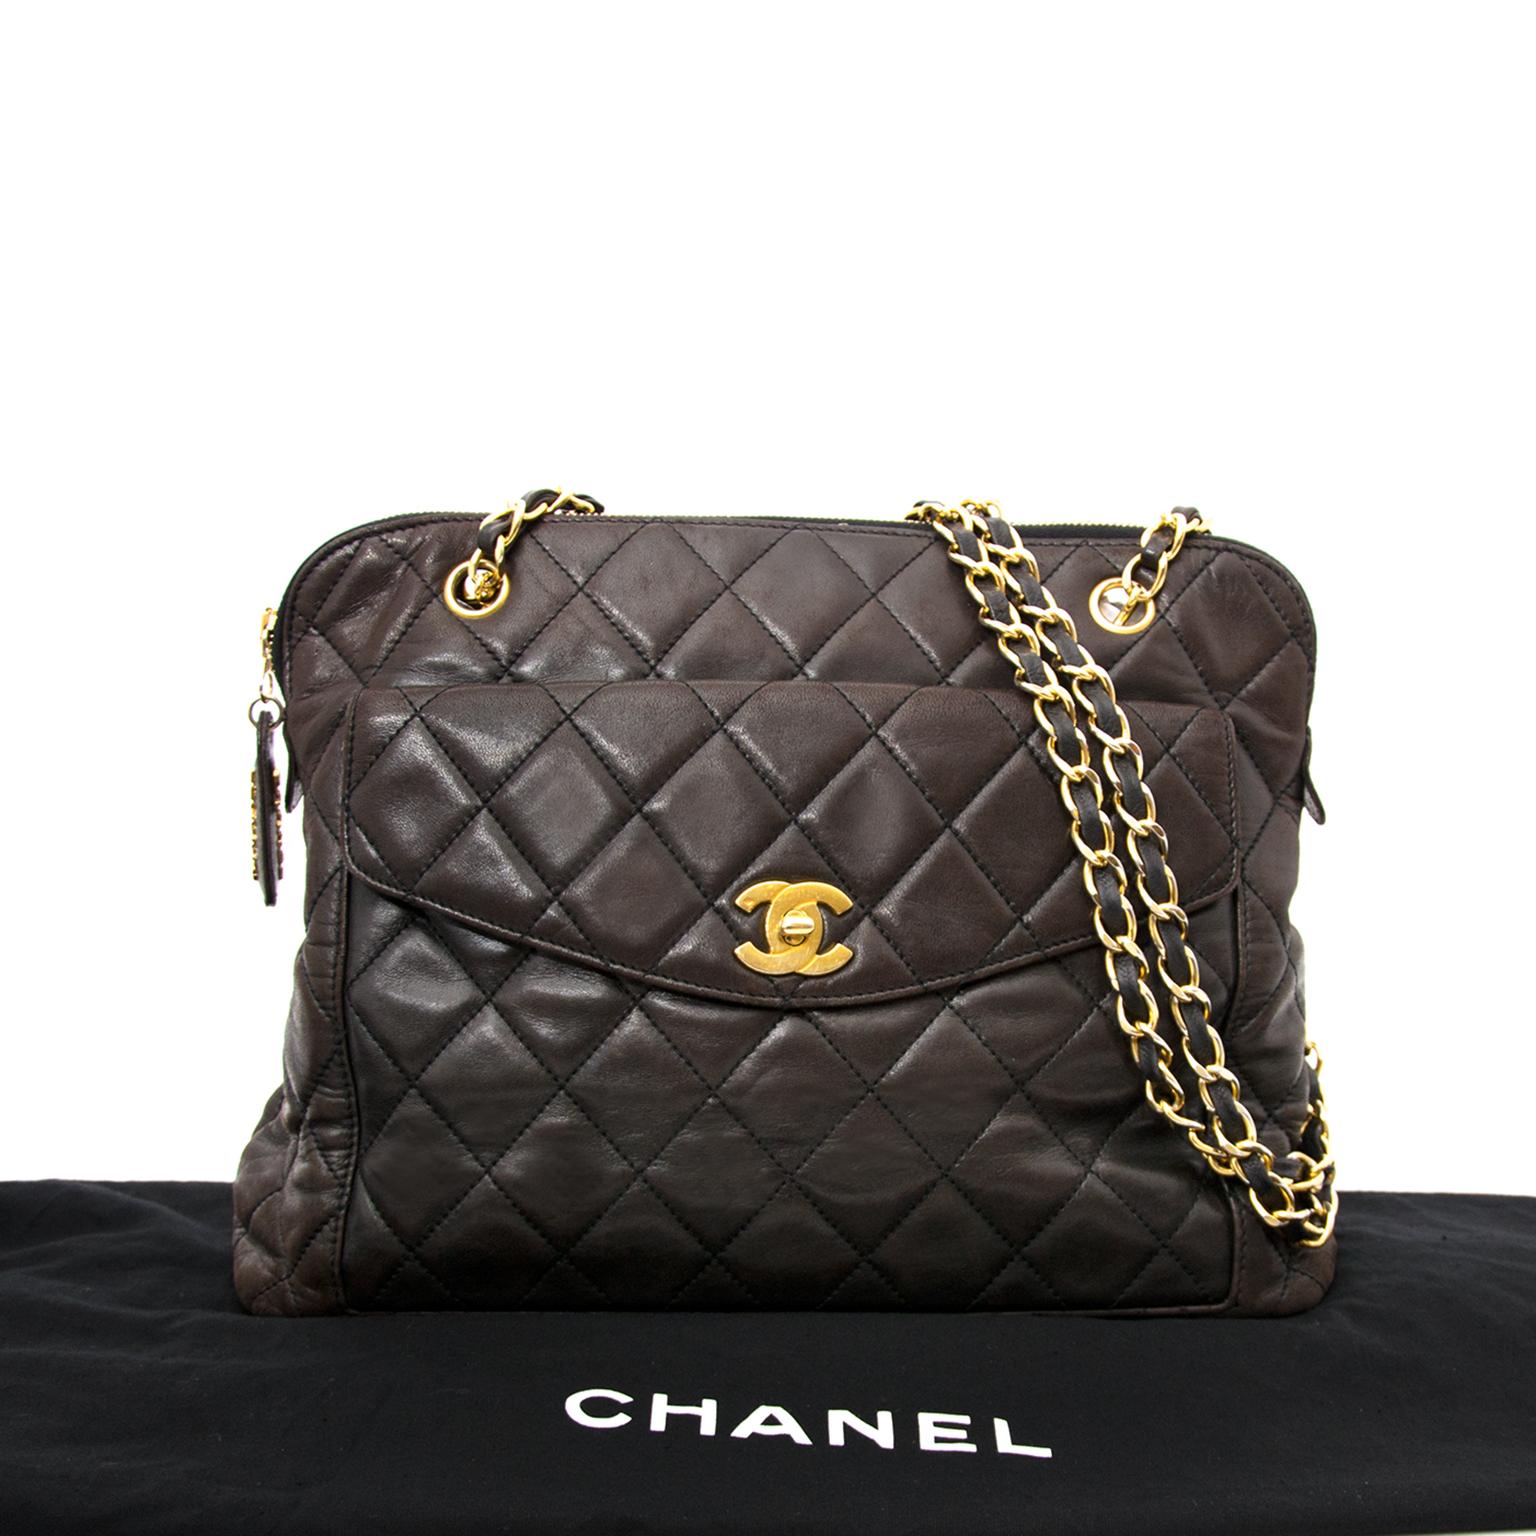 Heute können Sie diese Chanel Braune Wattierte Schulterhandtasche Aus Leder online auf Labellov.com ankaufen.